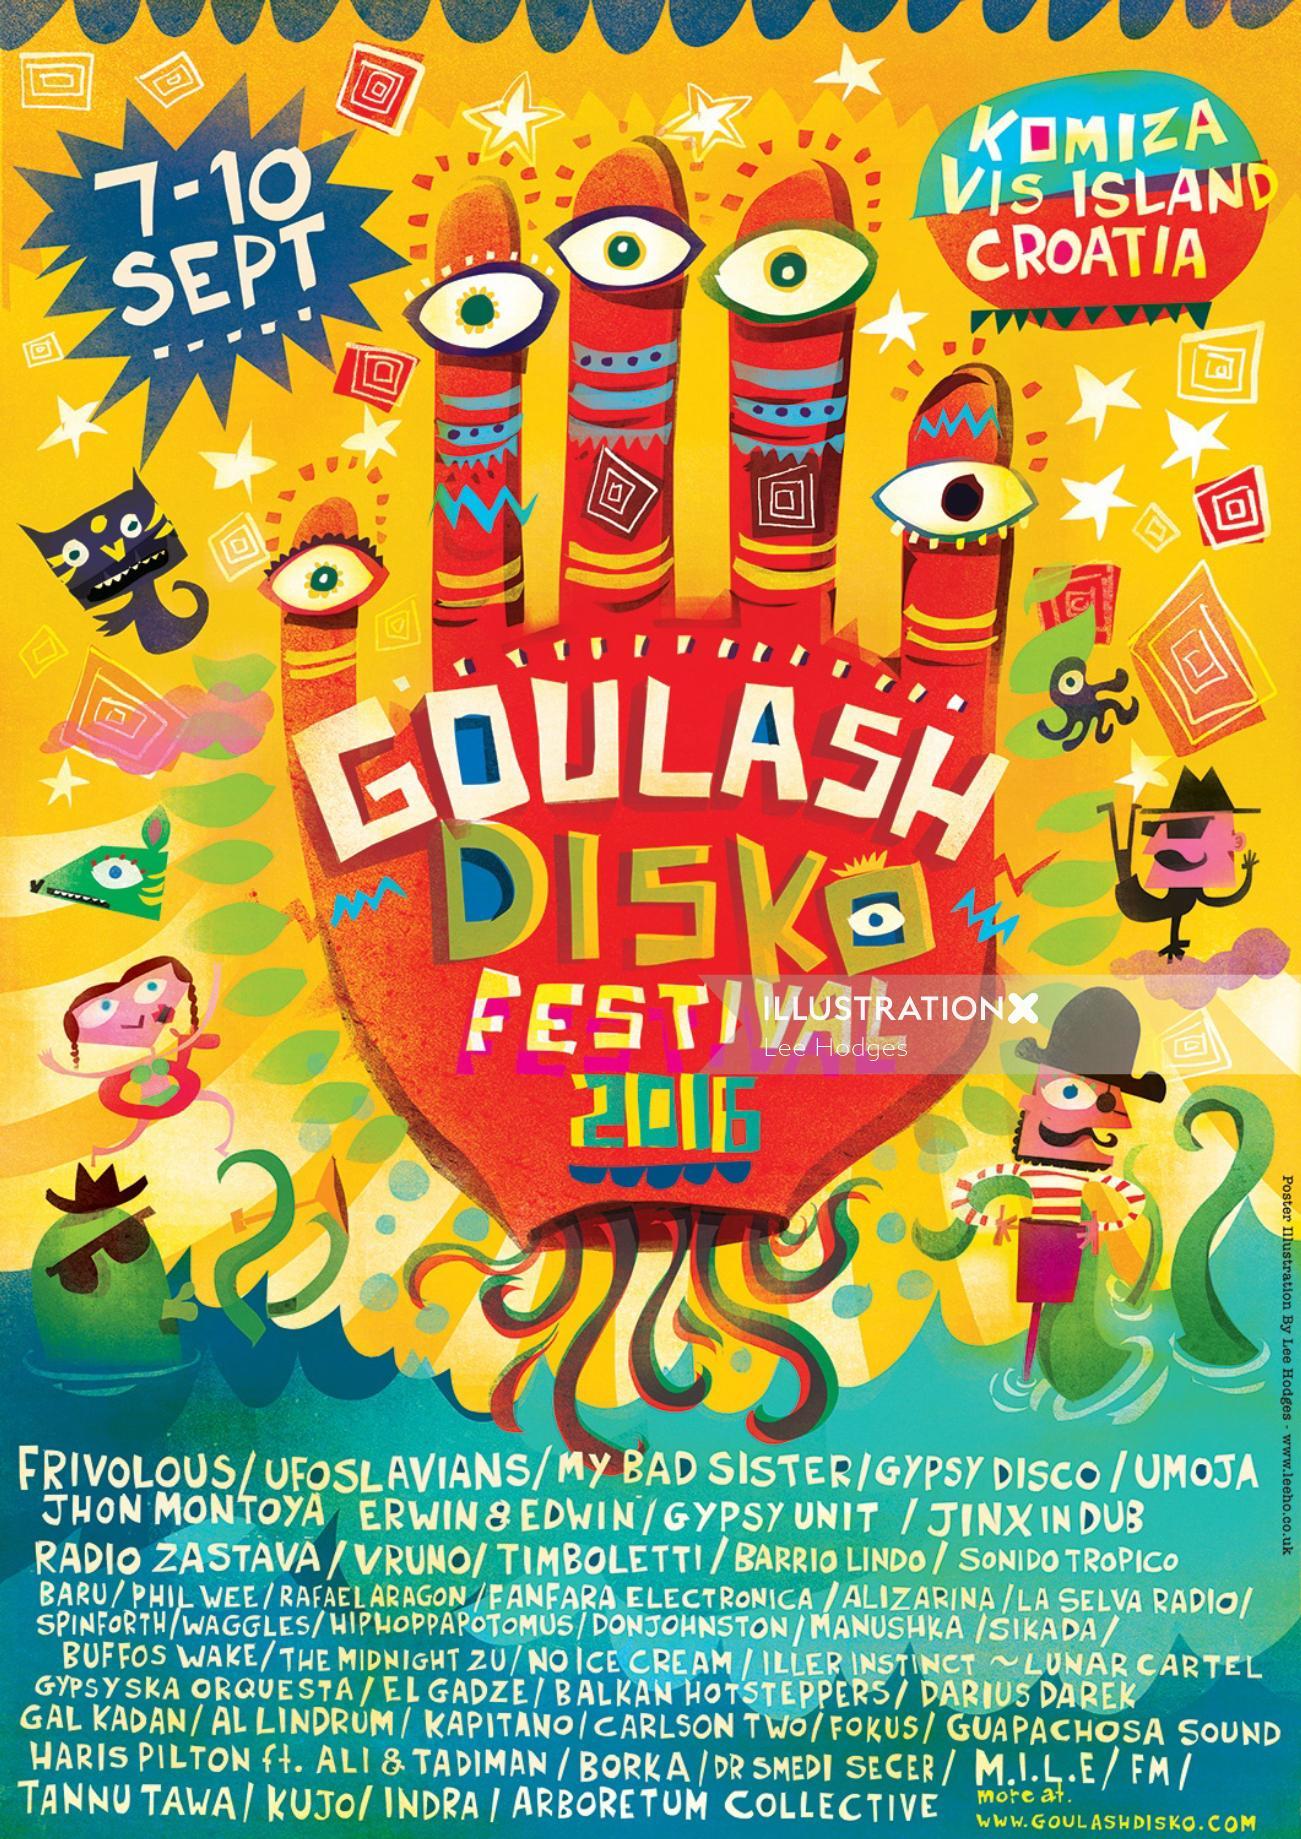 An illustration of Goulash disko festival